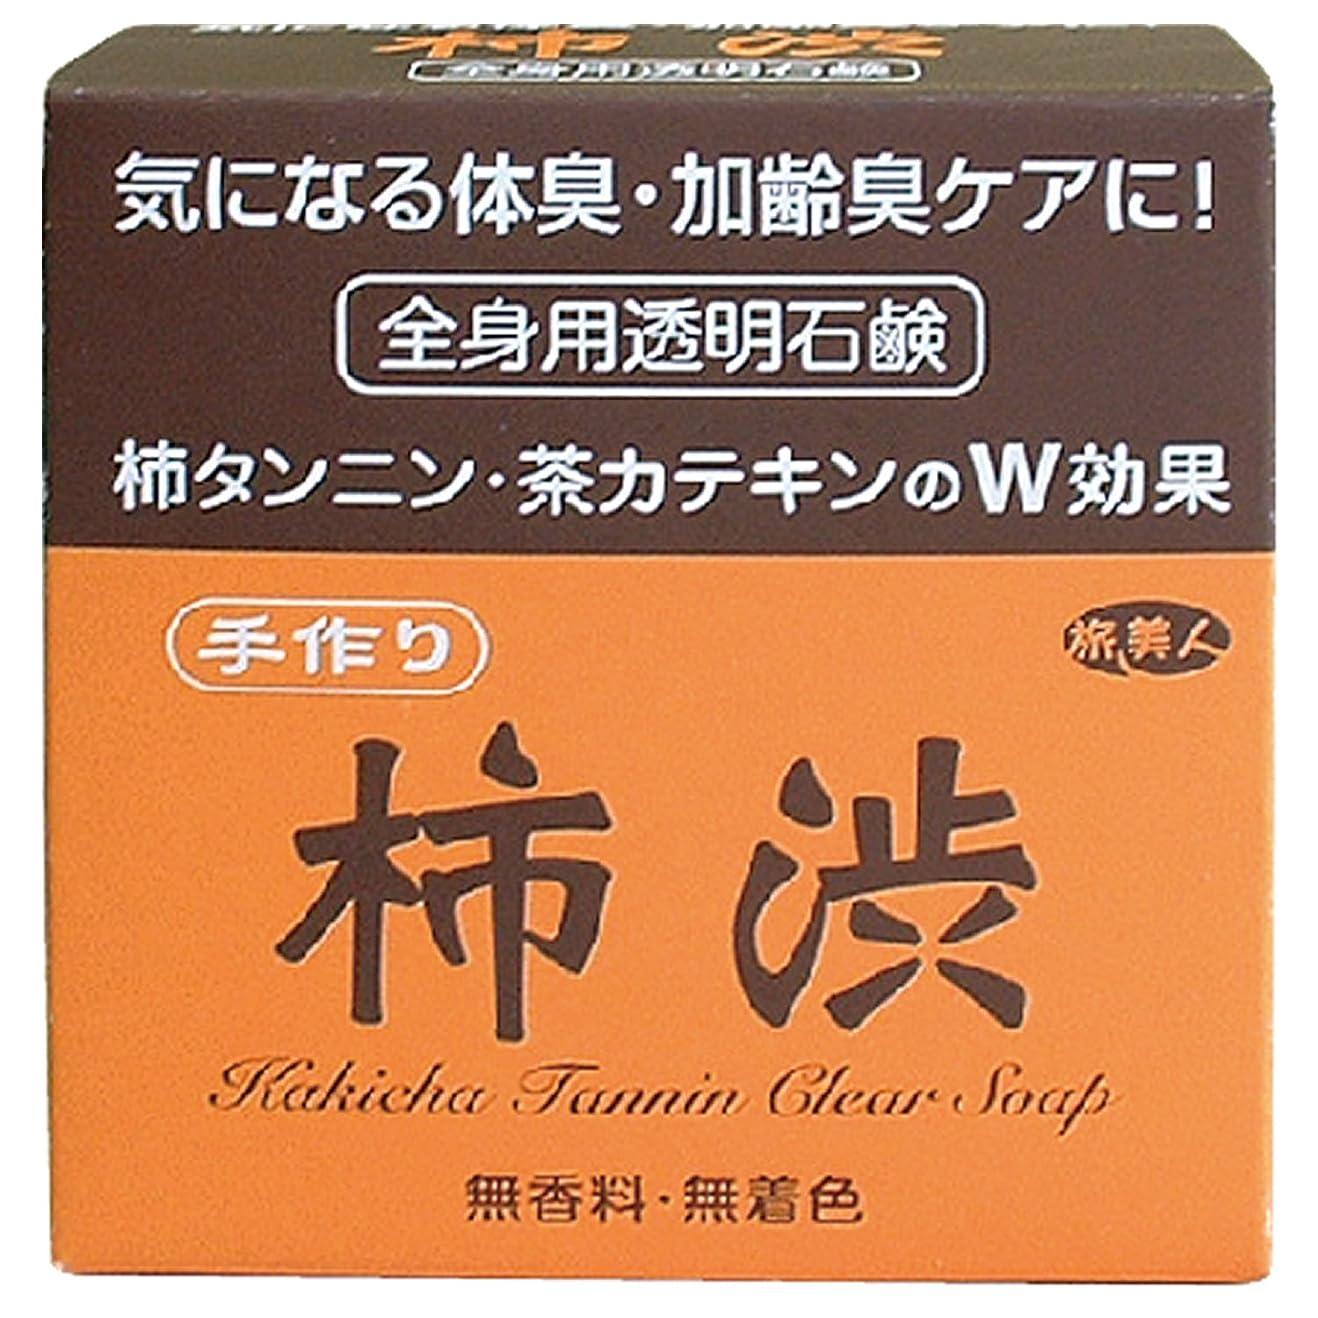 湿気の多い広がり巨大な気になる体臭?加齢臭ケアに アズマ商事の手作り柿渋透明石鹸